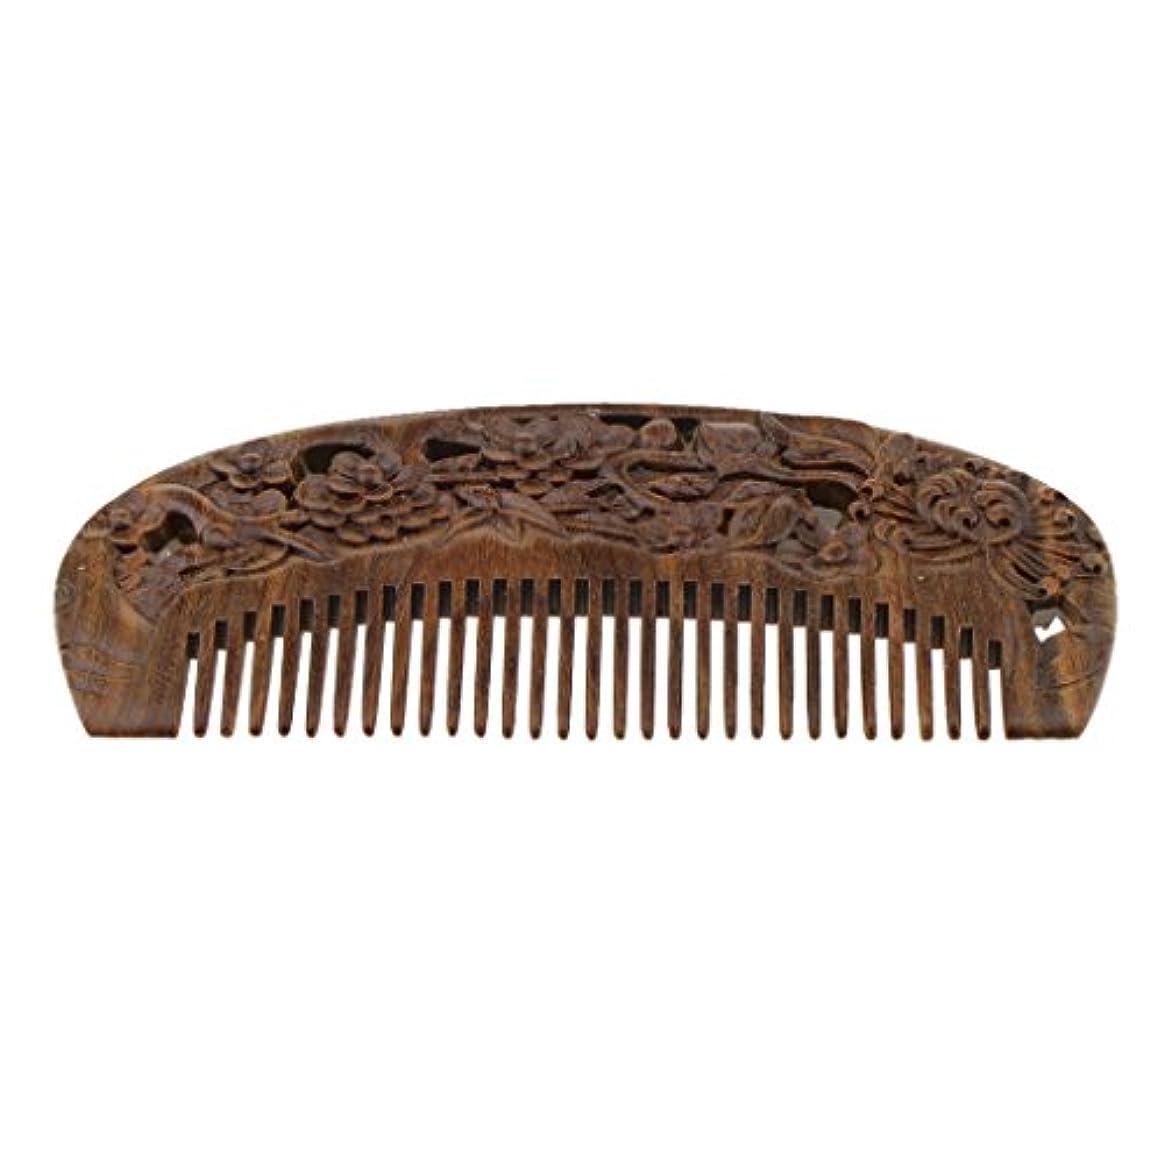 銃眠いですバスルームナチュラル ウッドコーム 木製コーム 頭皮マッサージ ワイド歯 ヘアブラシ ヘアスタイリング 2タイプ選べる - #2